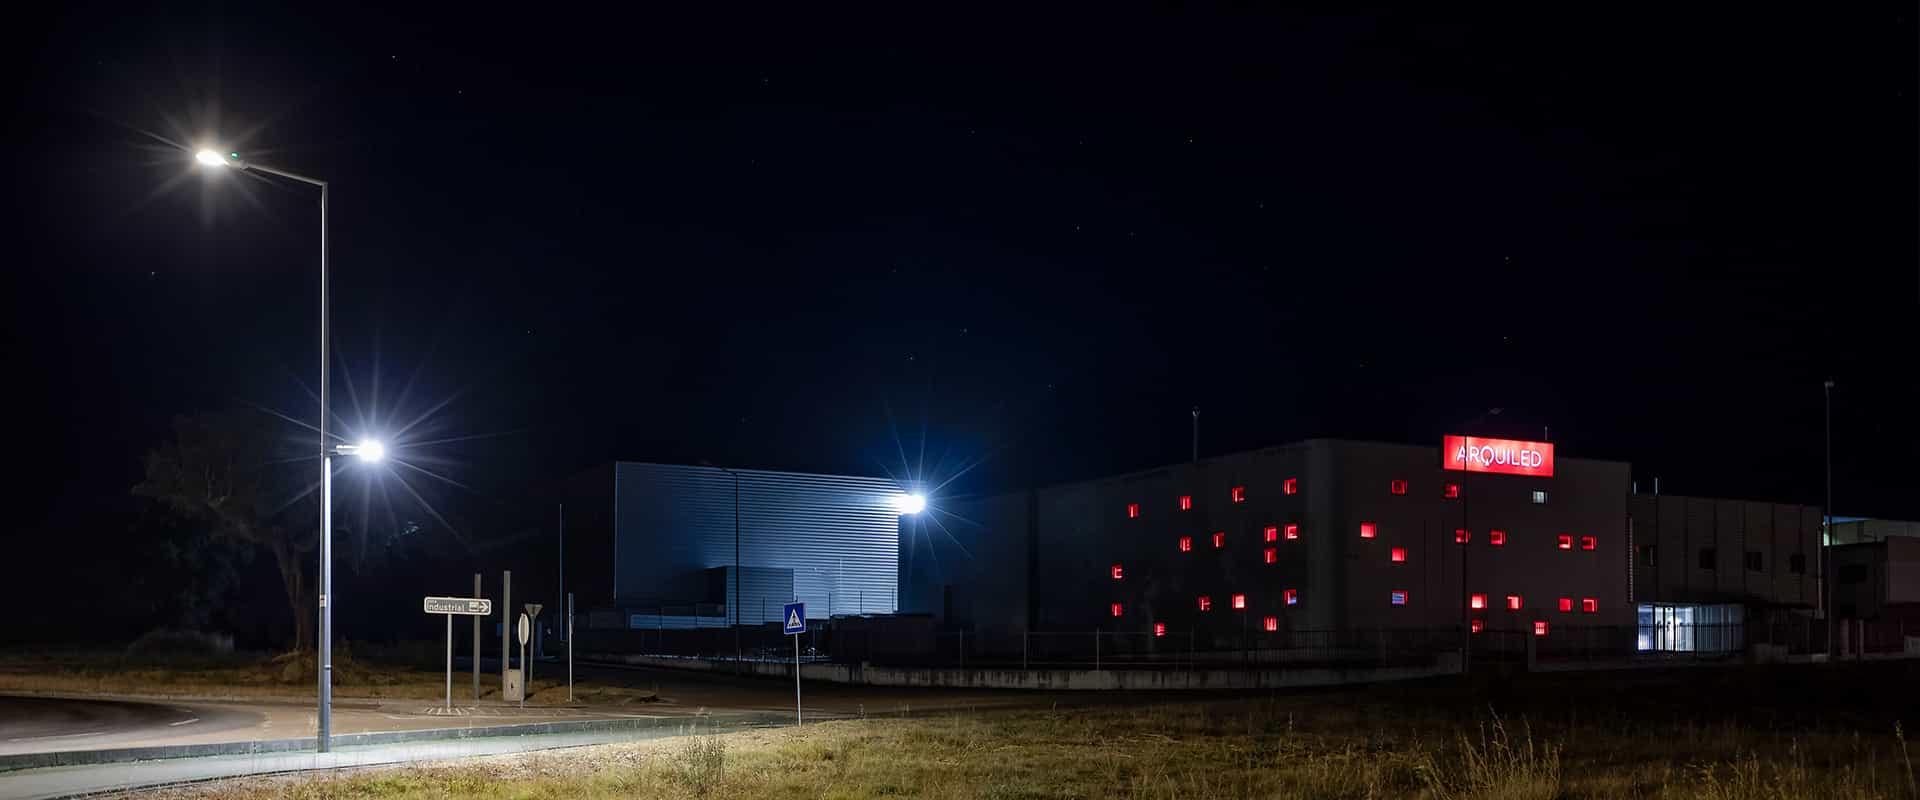 Arquiled Iluminação Pública LED - Projeto - Mora